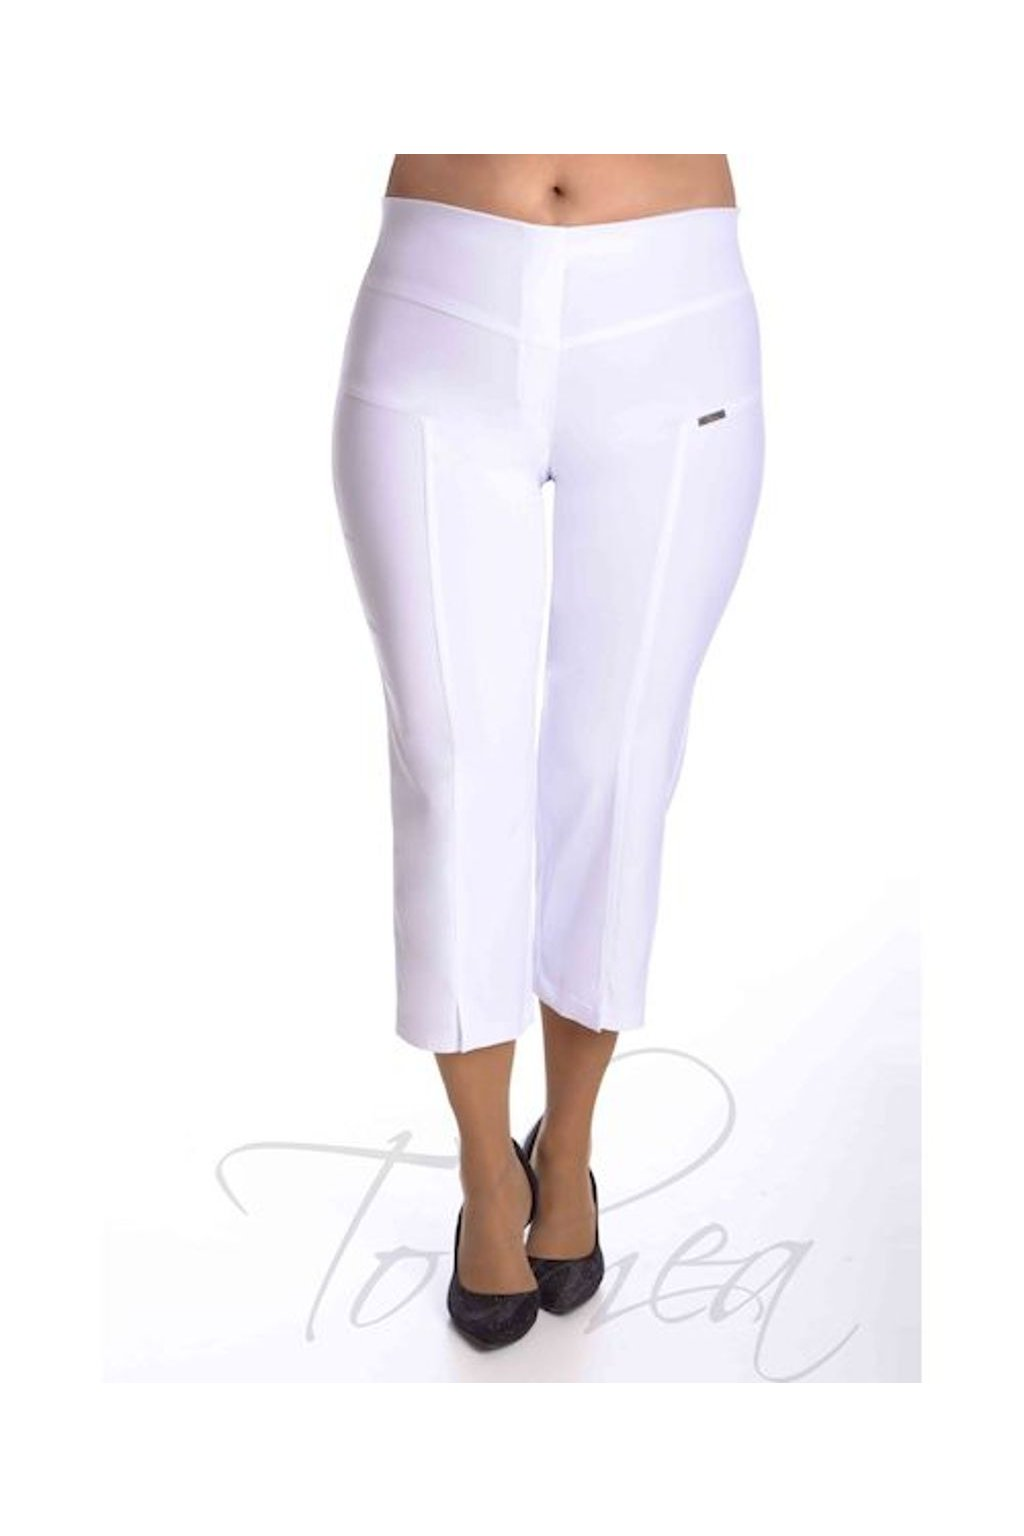 53T Kalhoty elastické tříčtvrteční rozparek (Velikost 38, Barva Tyrkysová)